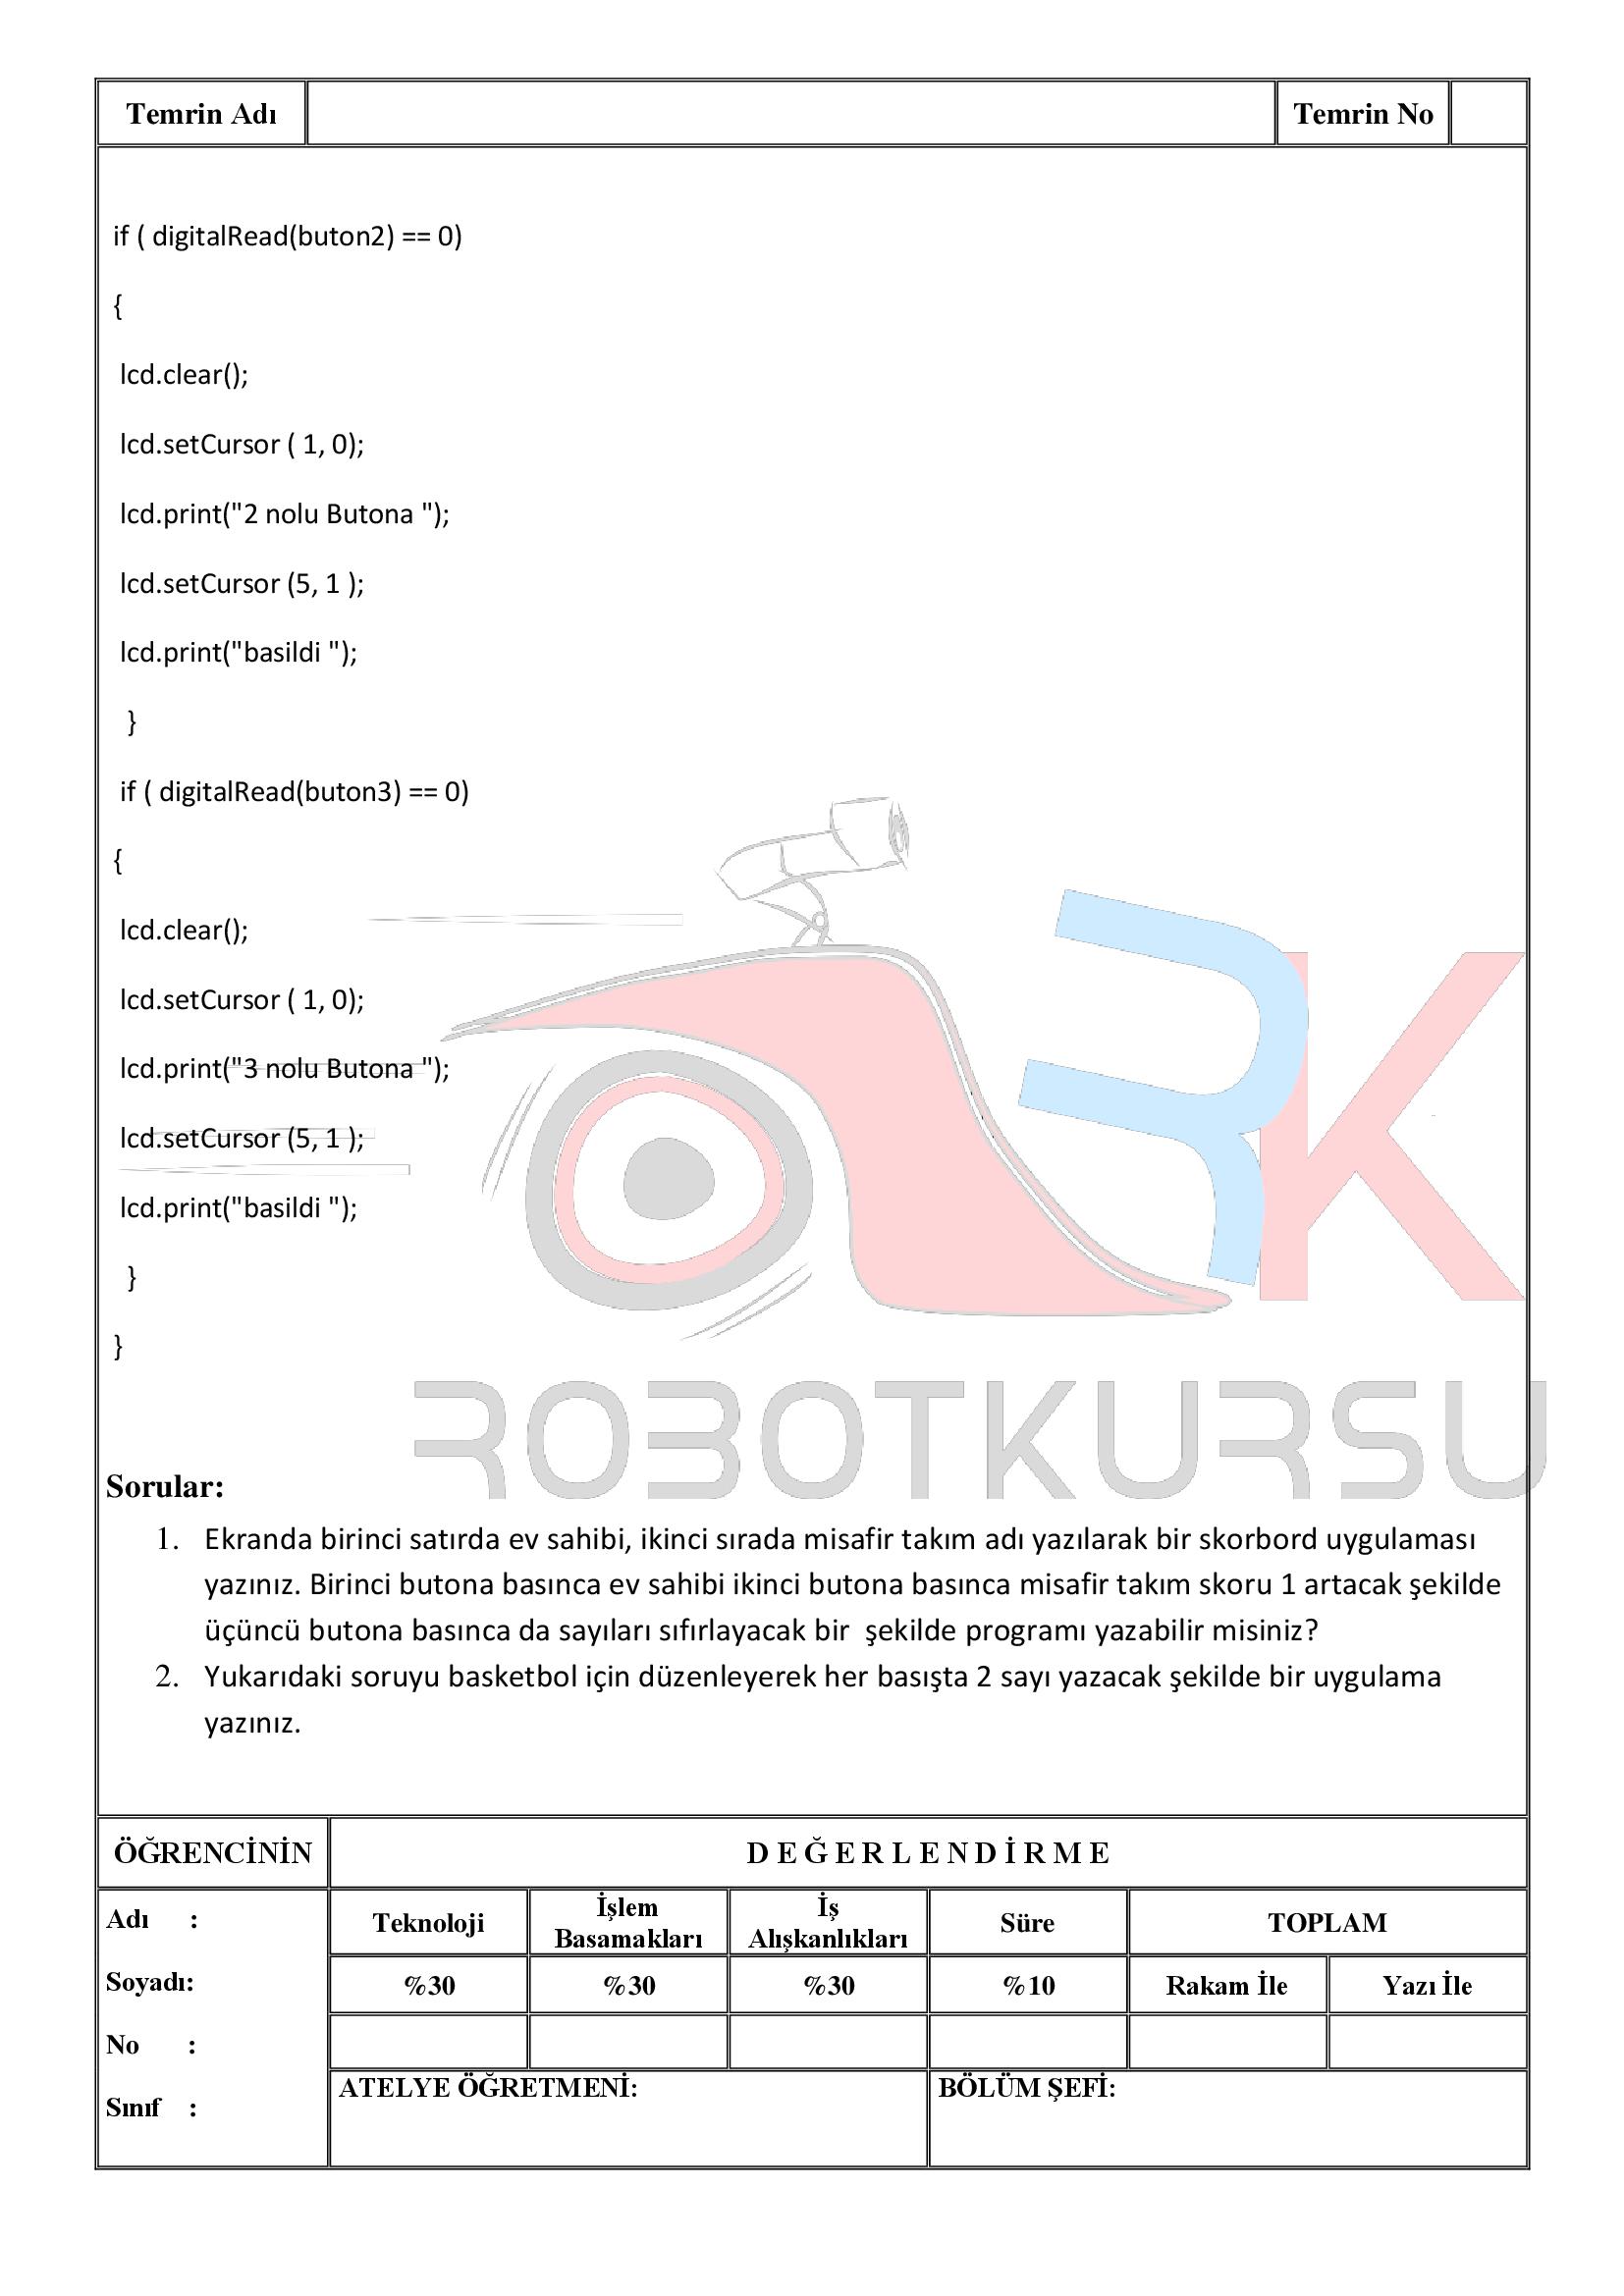 Temrin 115: LCD de buton uygulaması